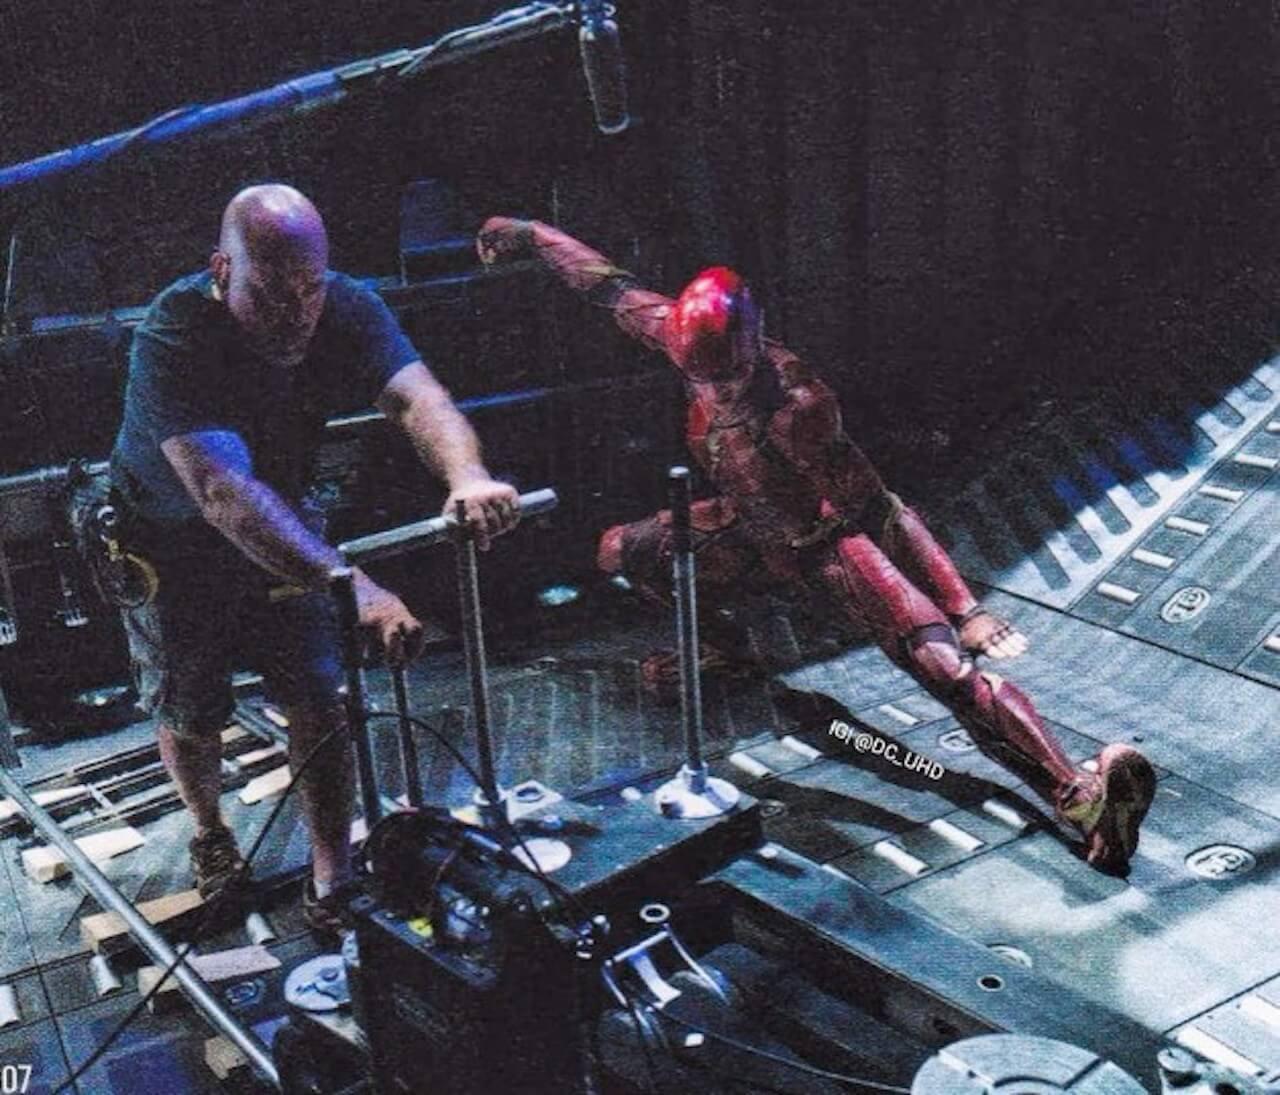 Amber Heard Ben Affleck Jason Momoa E Henry Cavill Foto: Justice League: The Flash In Una Nuova Foto Del Dietro Le